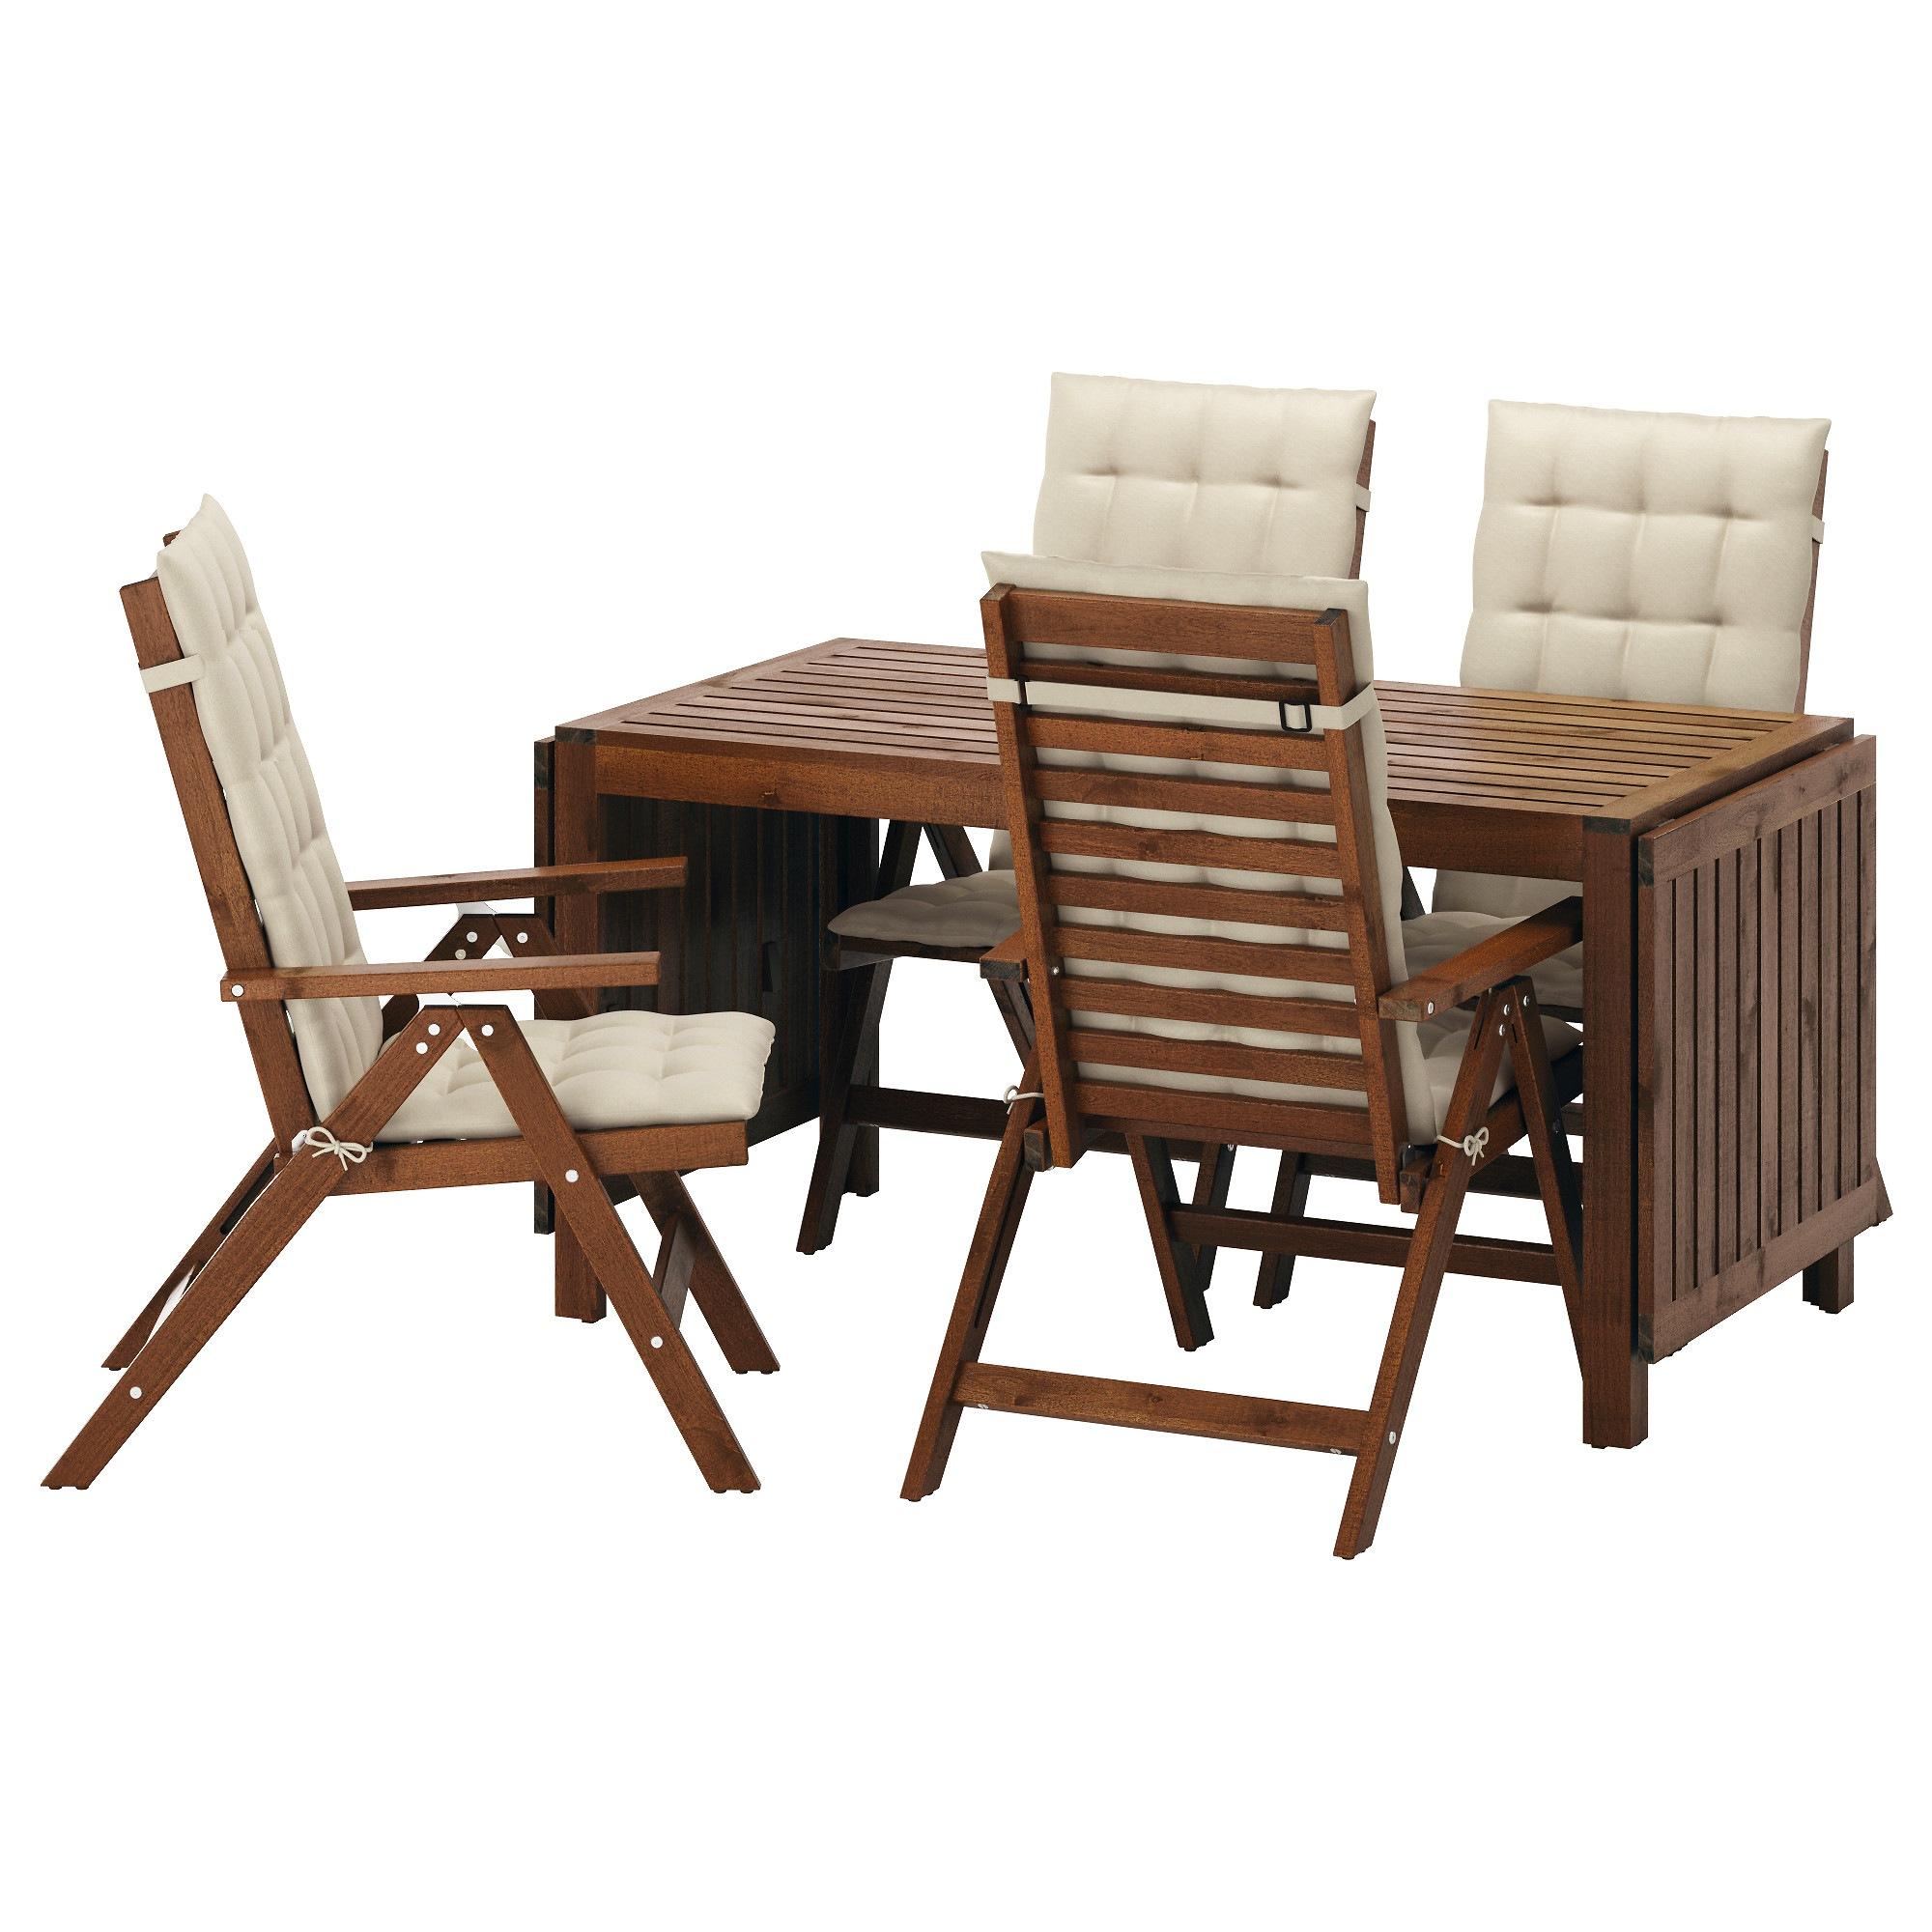 Стол + 4 кресла, для сада ЭПЛАРО бежевый артикуль № 692.289.44 в наличии. Интернет магазин IKEA РБ. Недорогая доставка и монтаж.